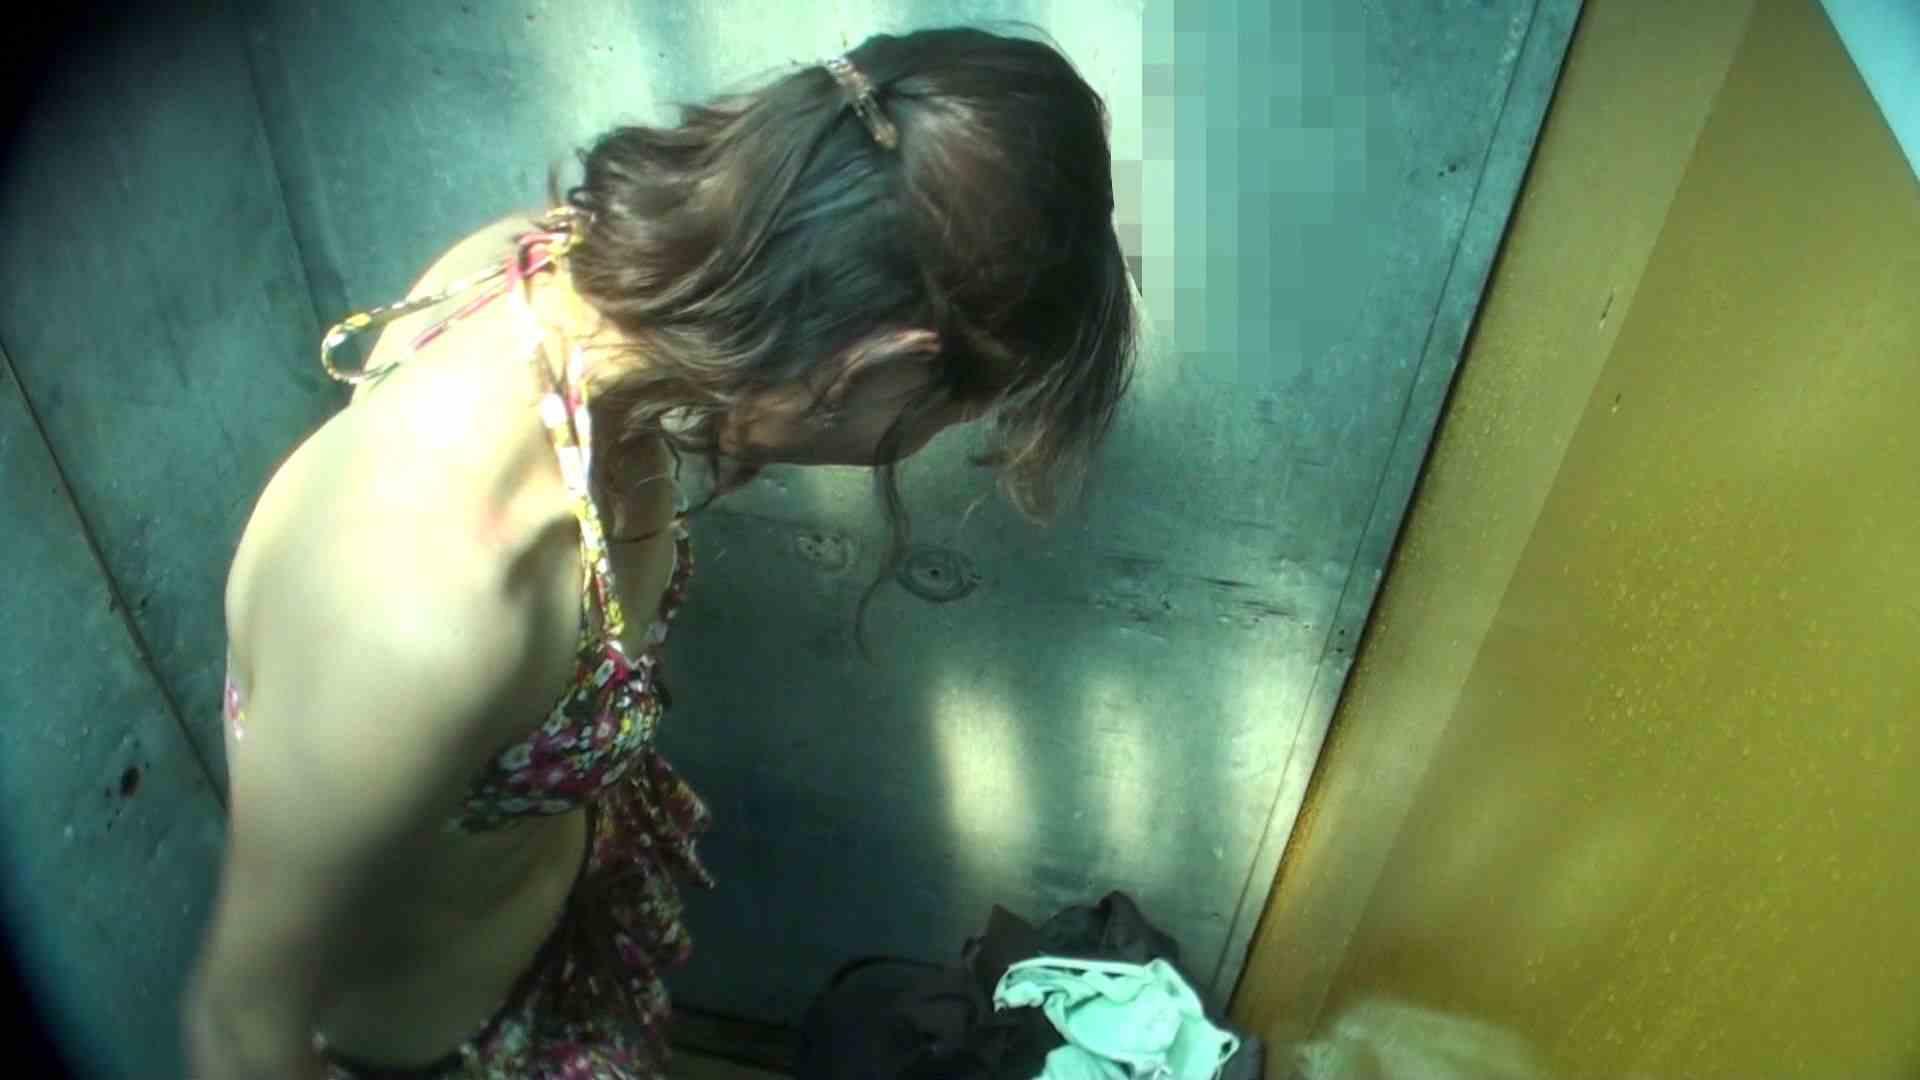 シャワールームは超!!危険な香りVol.16 意外に乳首は年増のそれ 乳首ポロリ  108画像 56